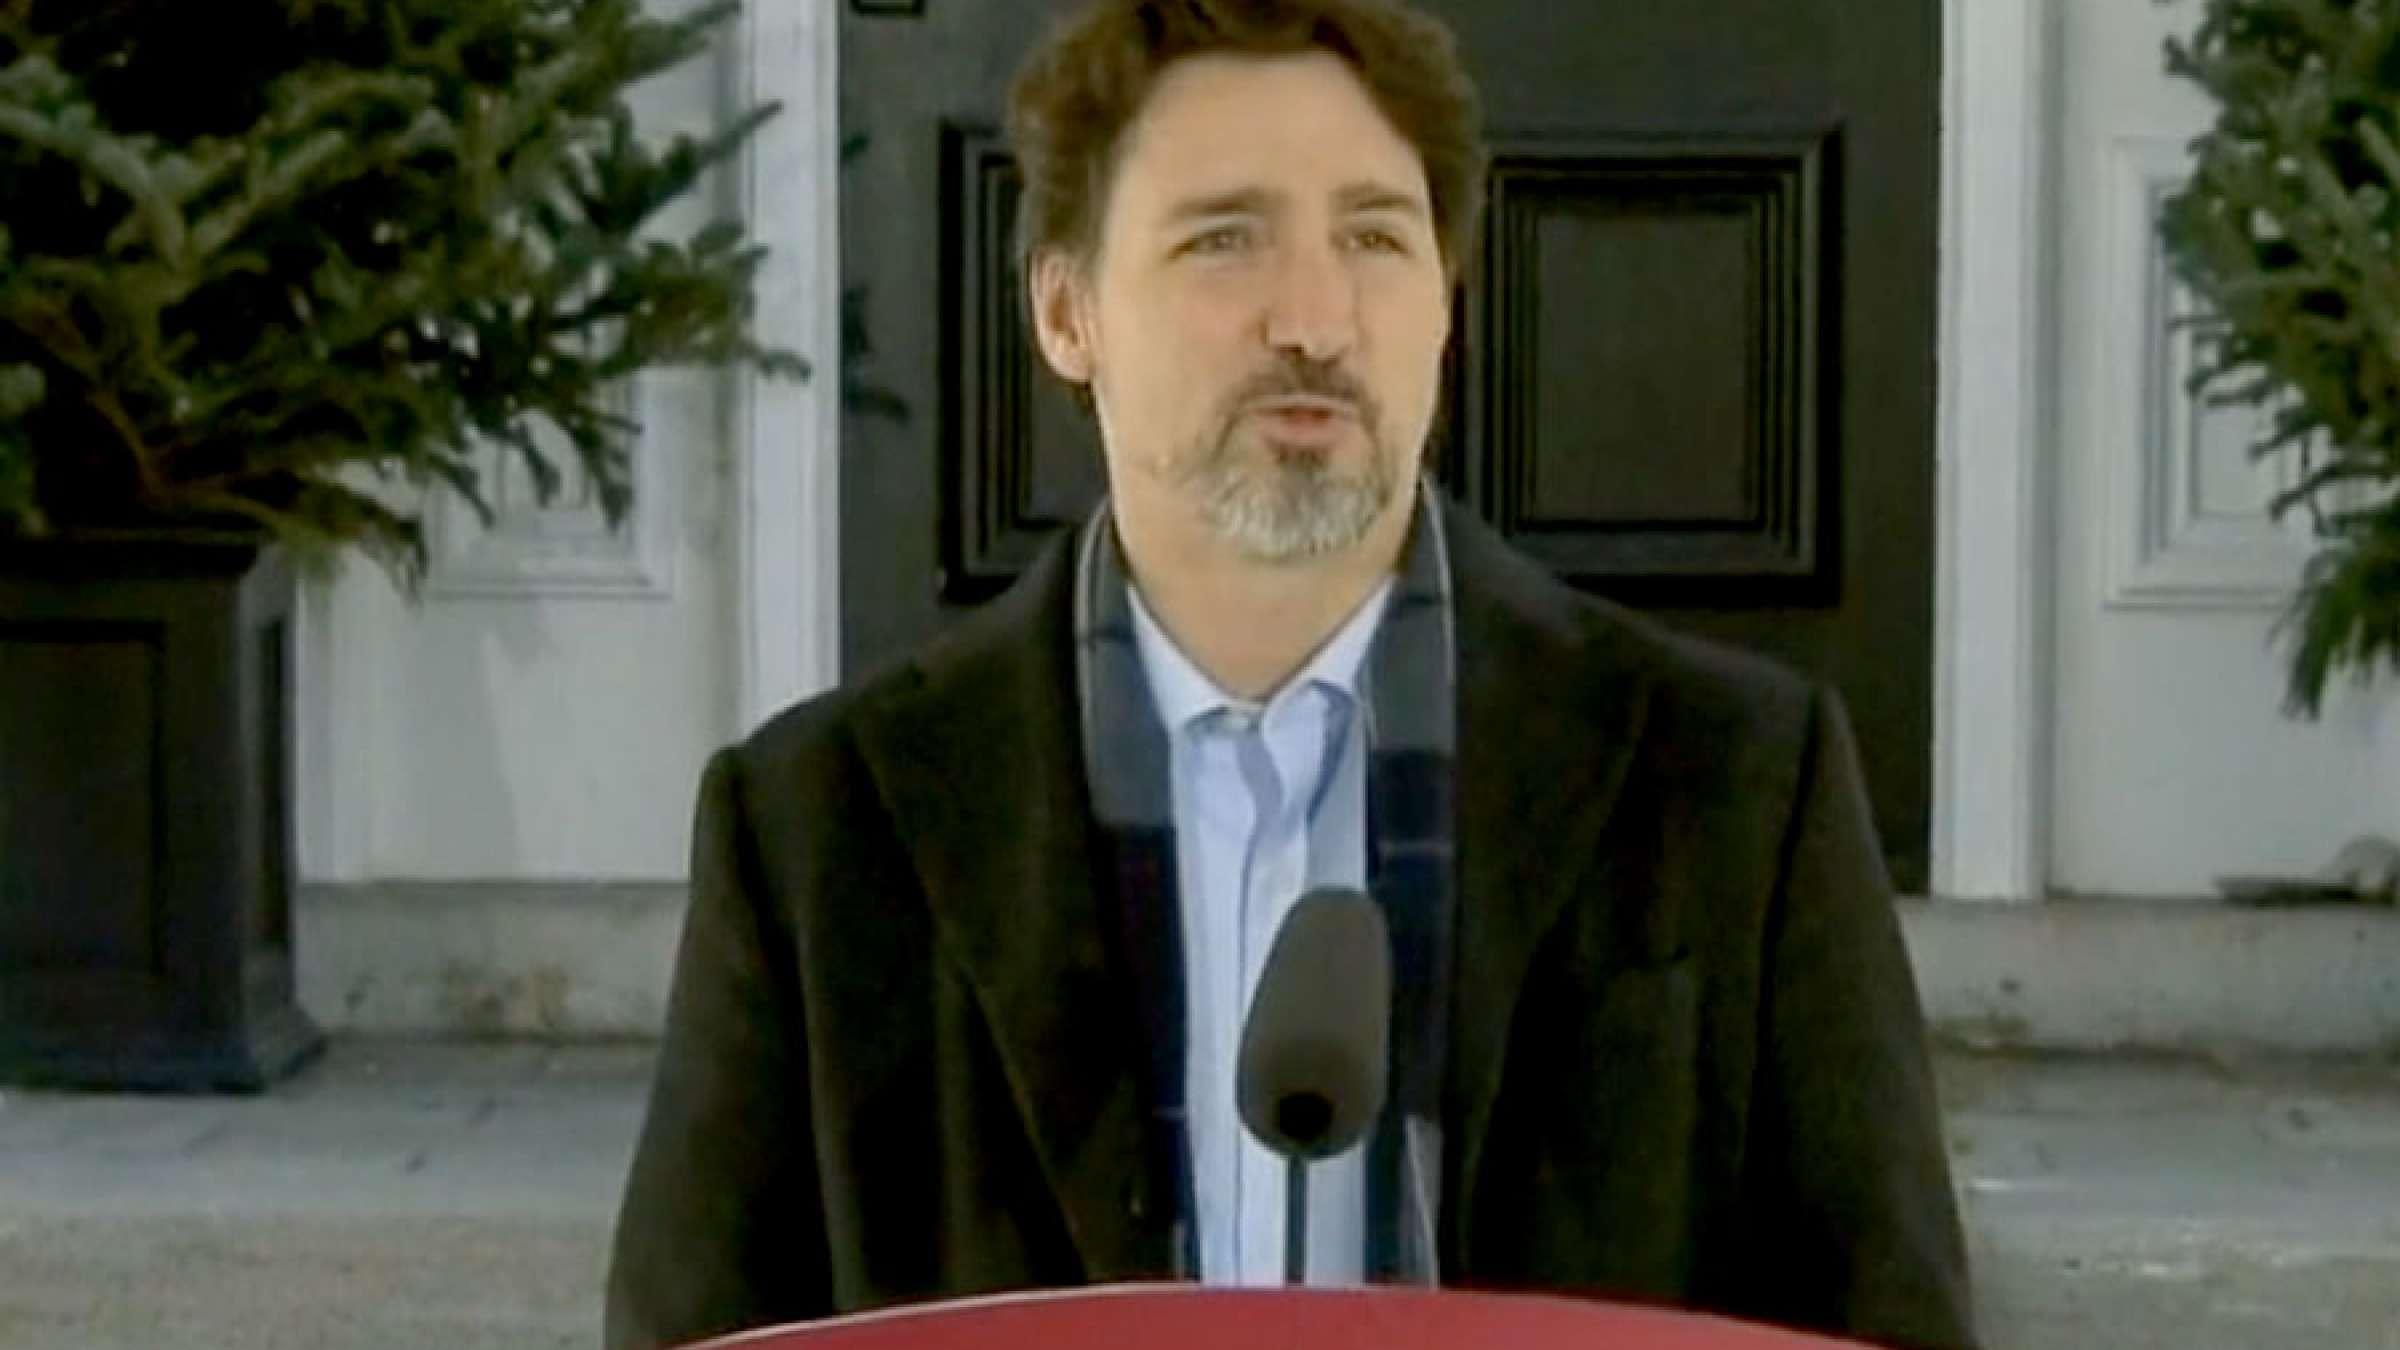 اخبار-کانادا-ترودو-کاناداییهای-خارج-از-کشور-را-برمیگردانیم-مجلس-اضطرارا-باز-می-شود